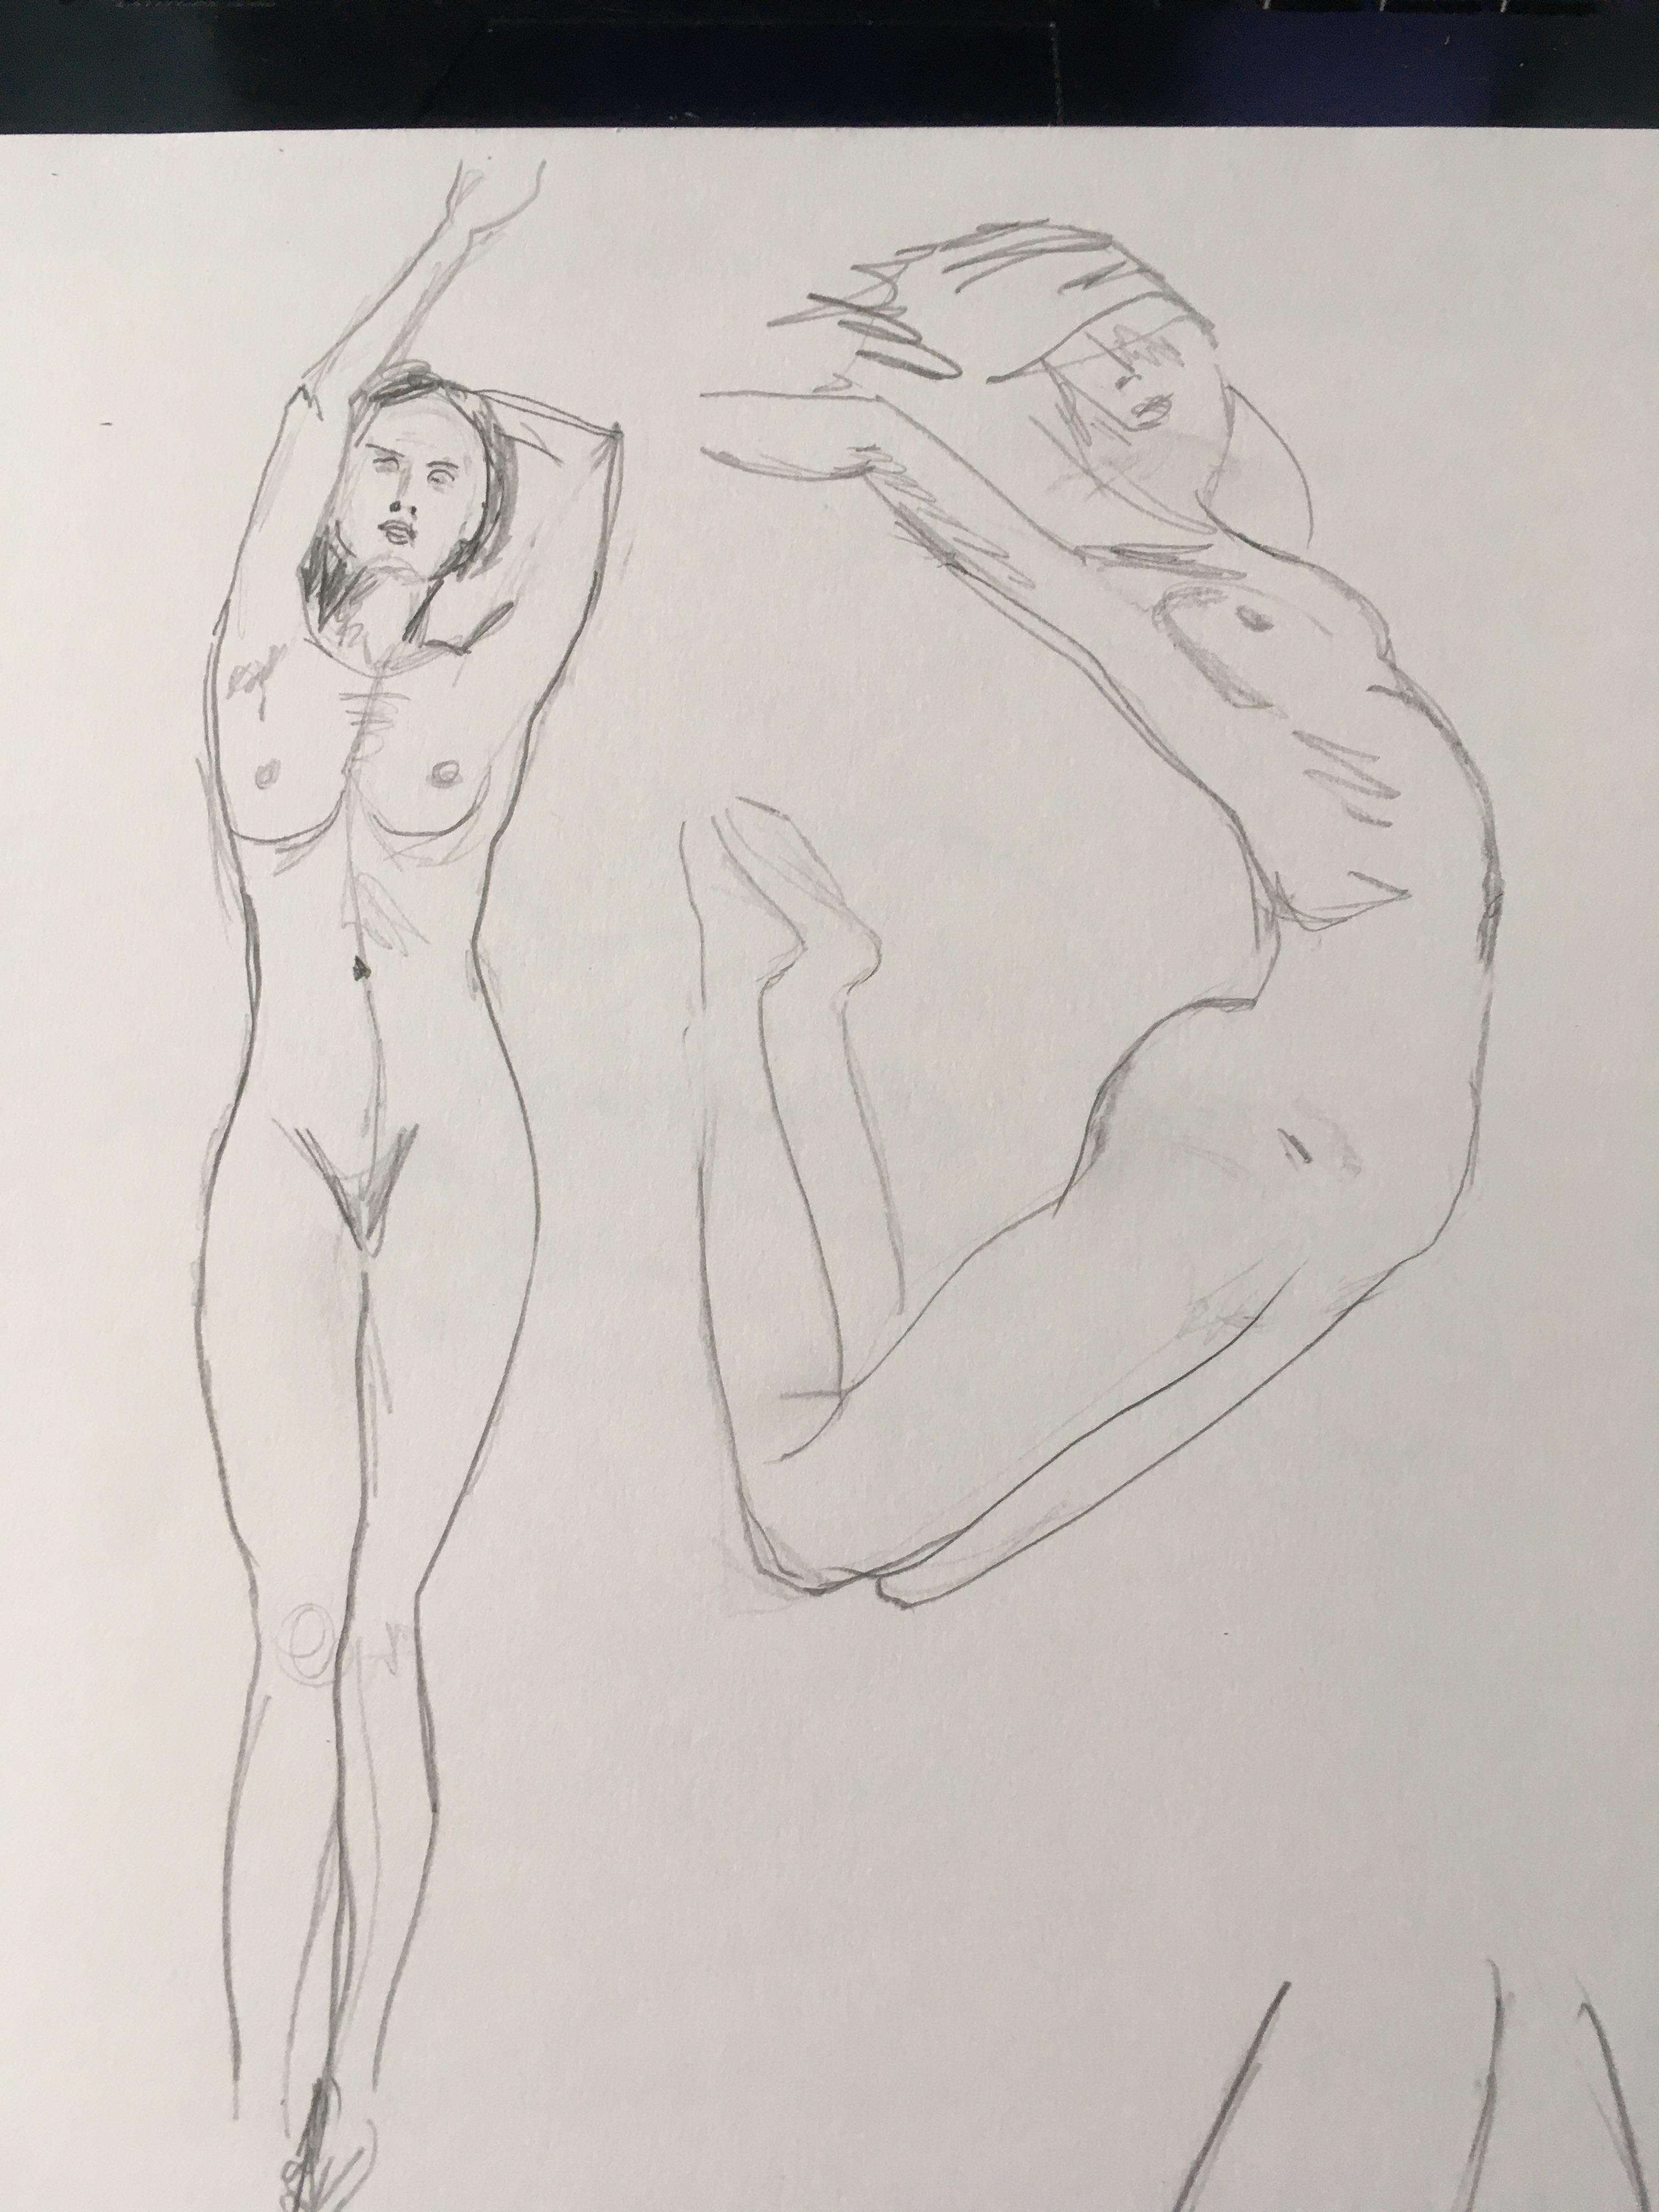 Esquisse rapide corps en mouvement  cours de dessin